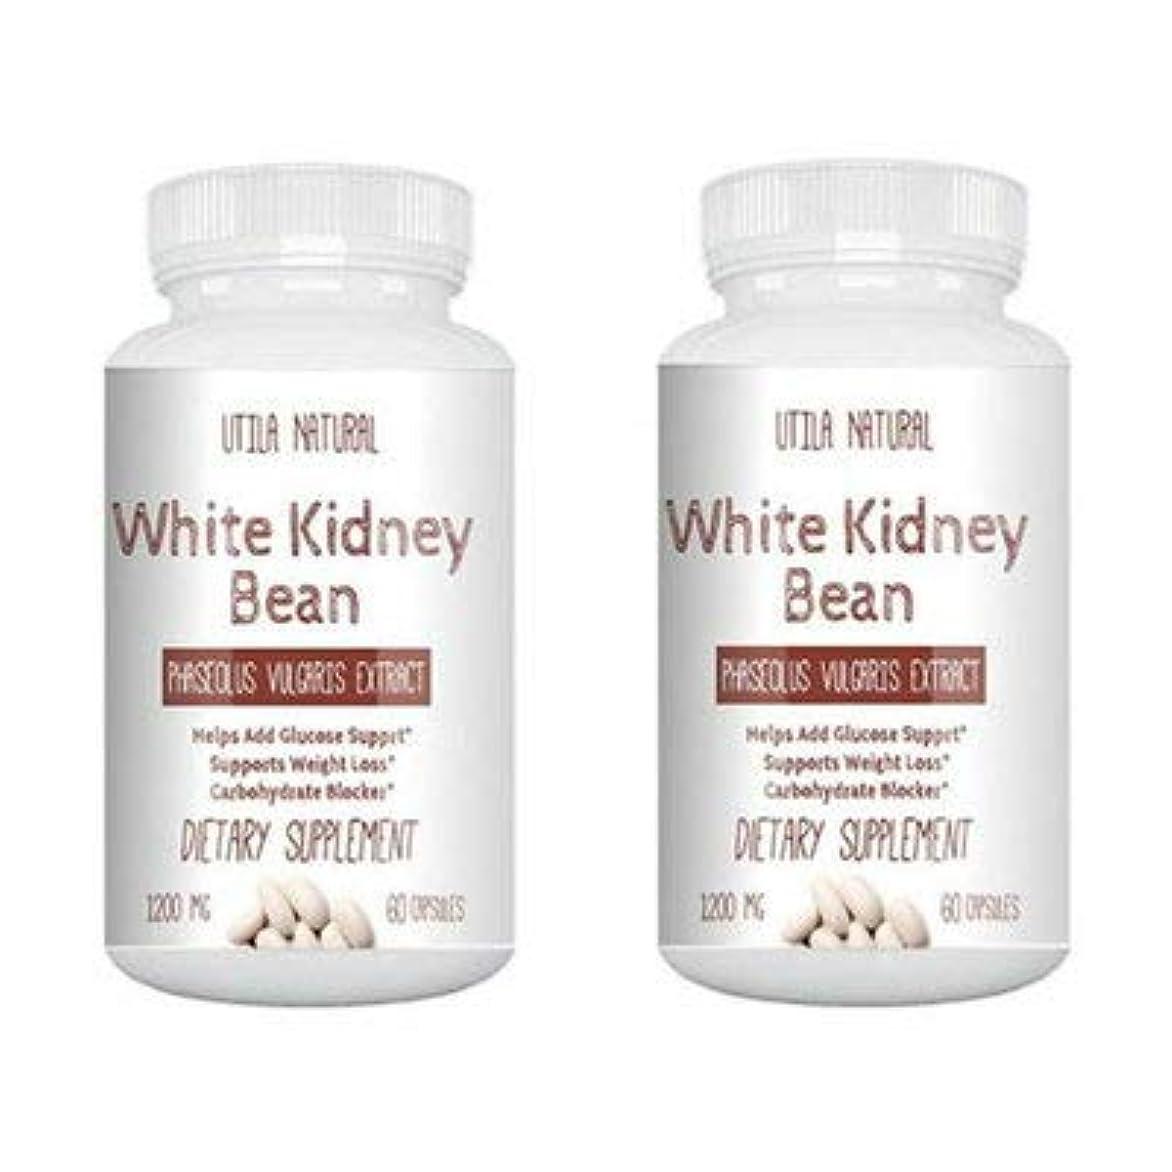 波提案する容器お得な2個セット!  白いんげん豆サプリ  ホワイトキドニービーン抽出液  600mg 60ベジタブルカプセル White Kidney Bean [並行輸入品]